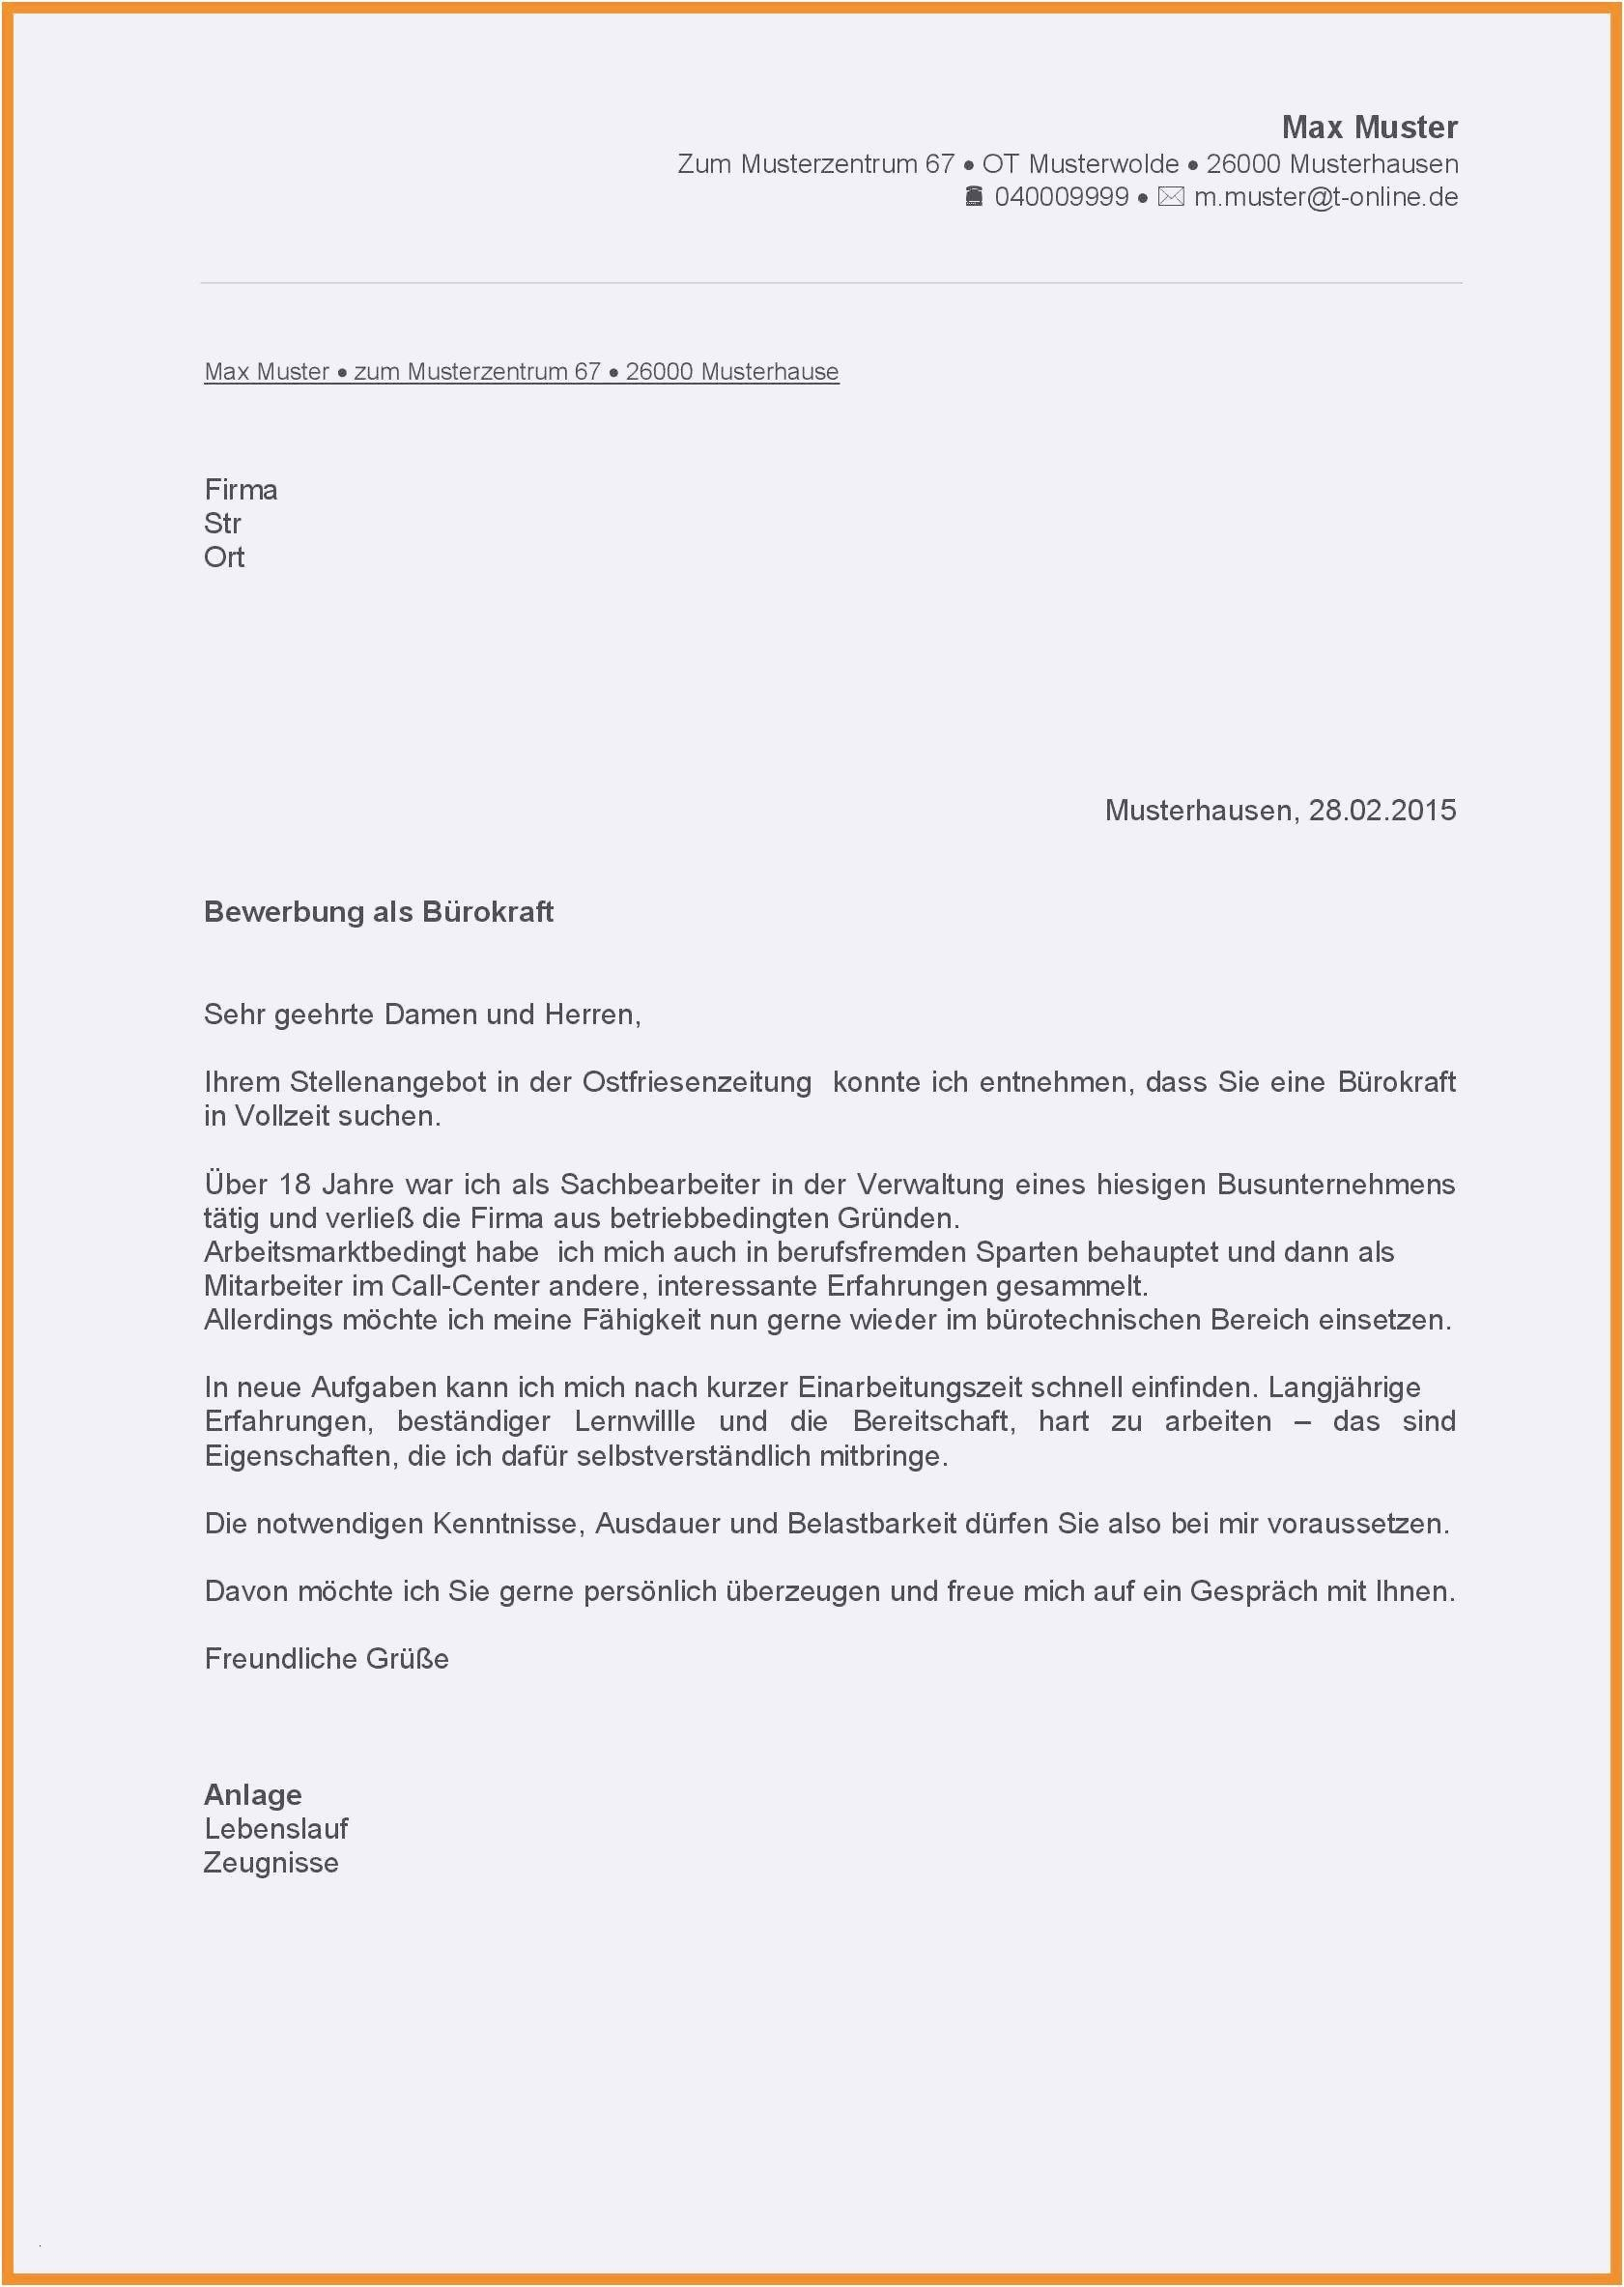 Pin Von Gittipur Auf Sozifuzzi In 2020 Lebenslauf Anschreiben